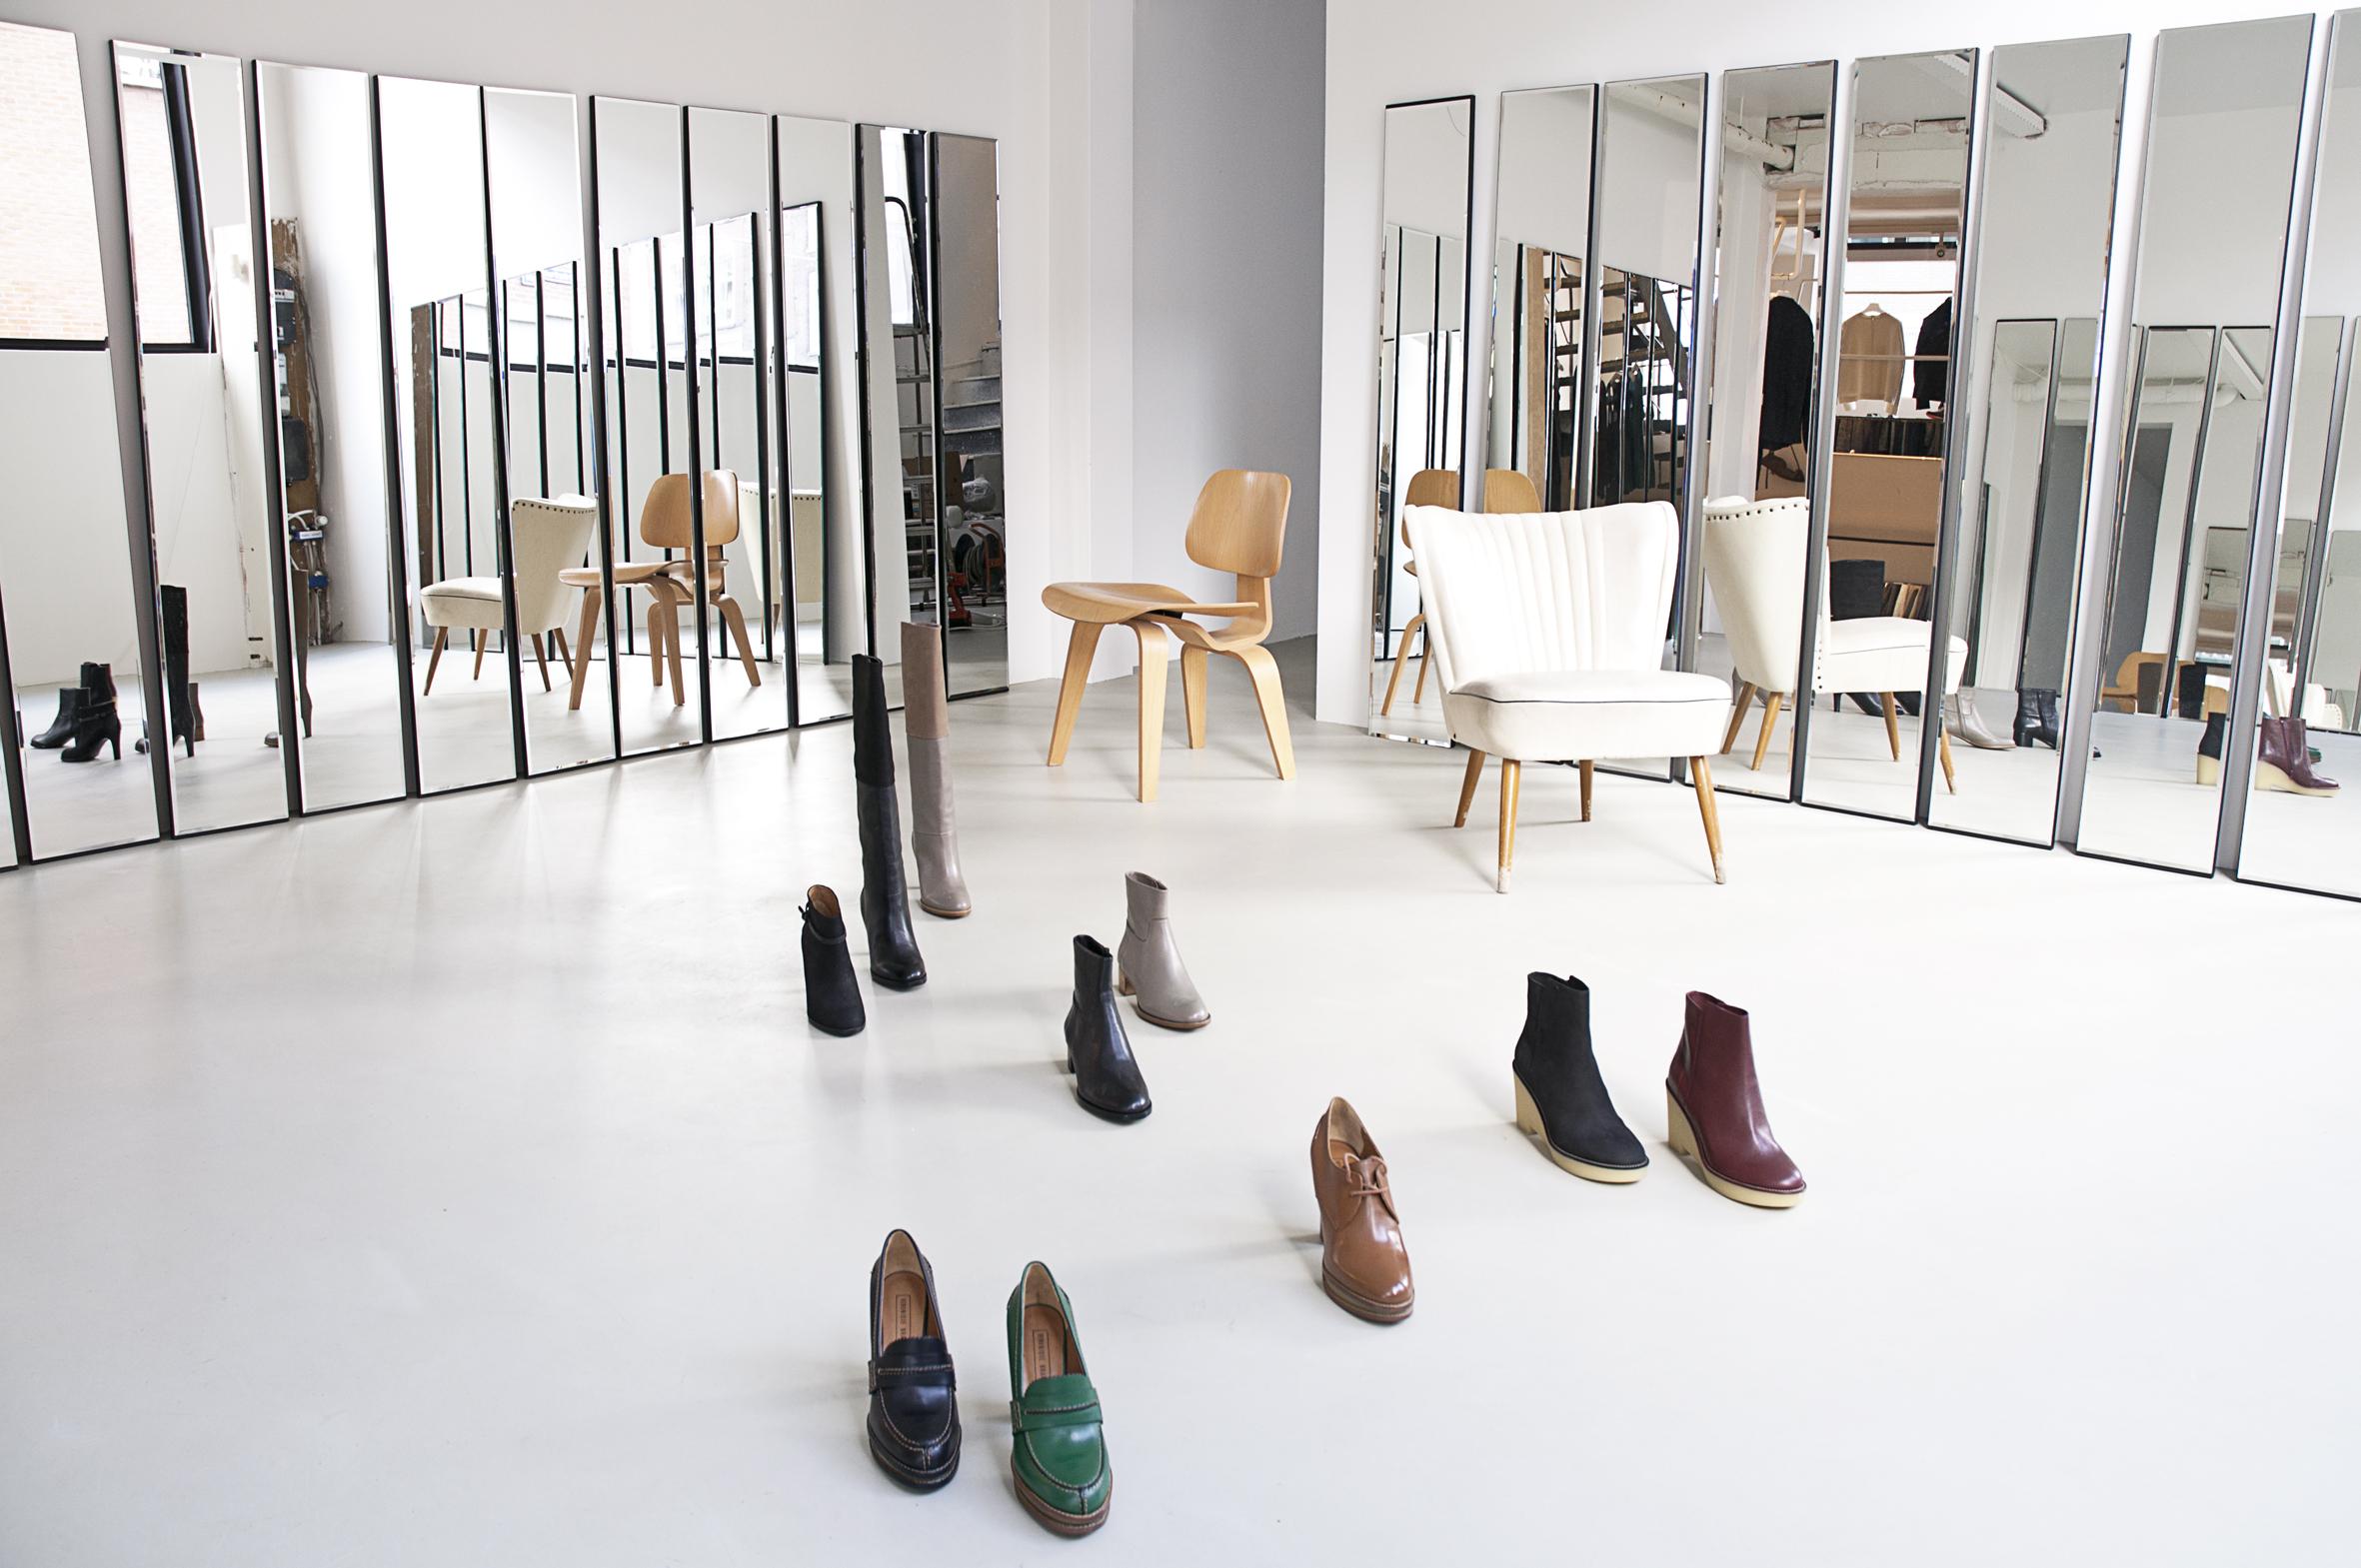 Informatie over de Wendela van Dijk winkel in de Van Oldenbarneveltstraat in Rotterdam. Hier vind je algemene informatie over Wendela van Dijk, de merken, openingstijden en contactgegevens.